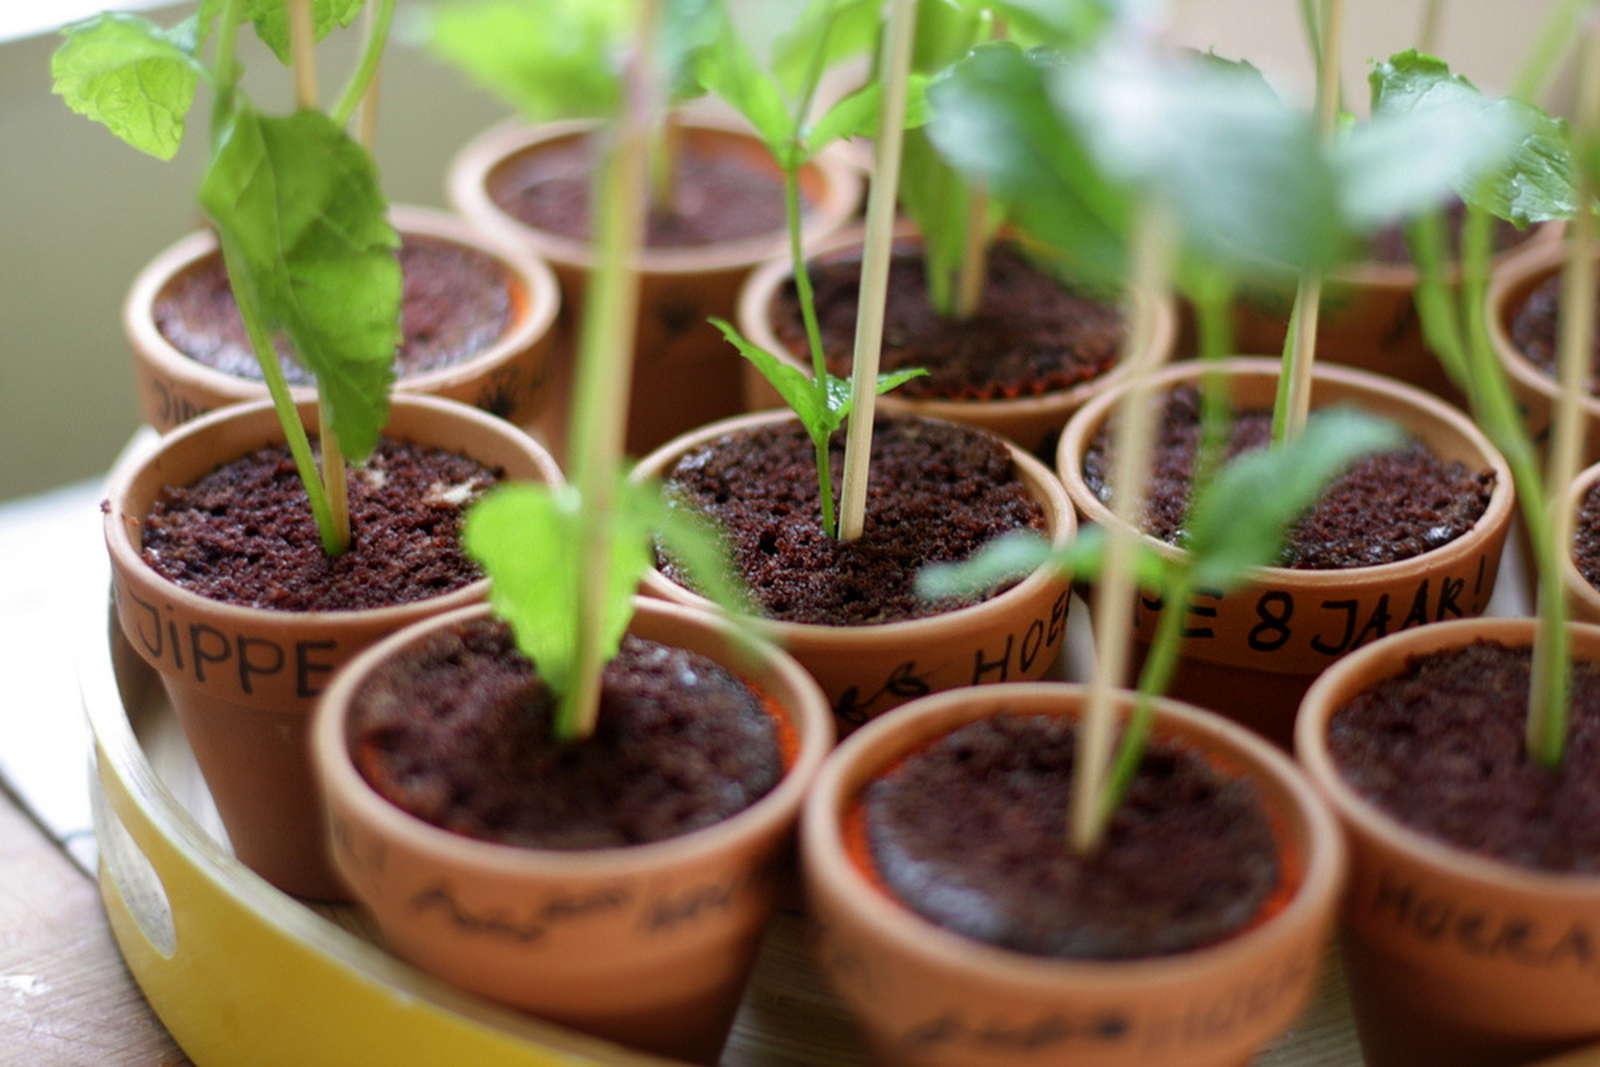 Pfefferminze So Klappt Der Anbau Im Eigenen Garten Plantura